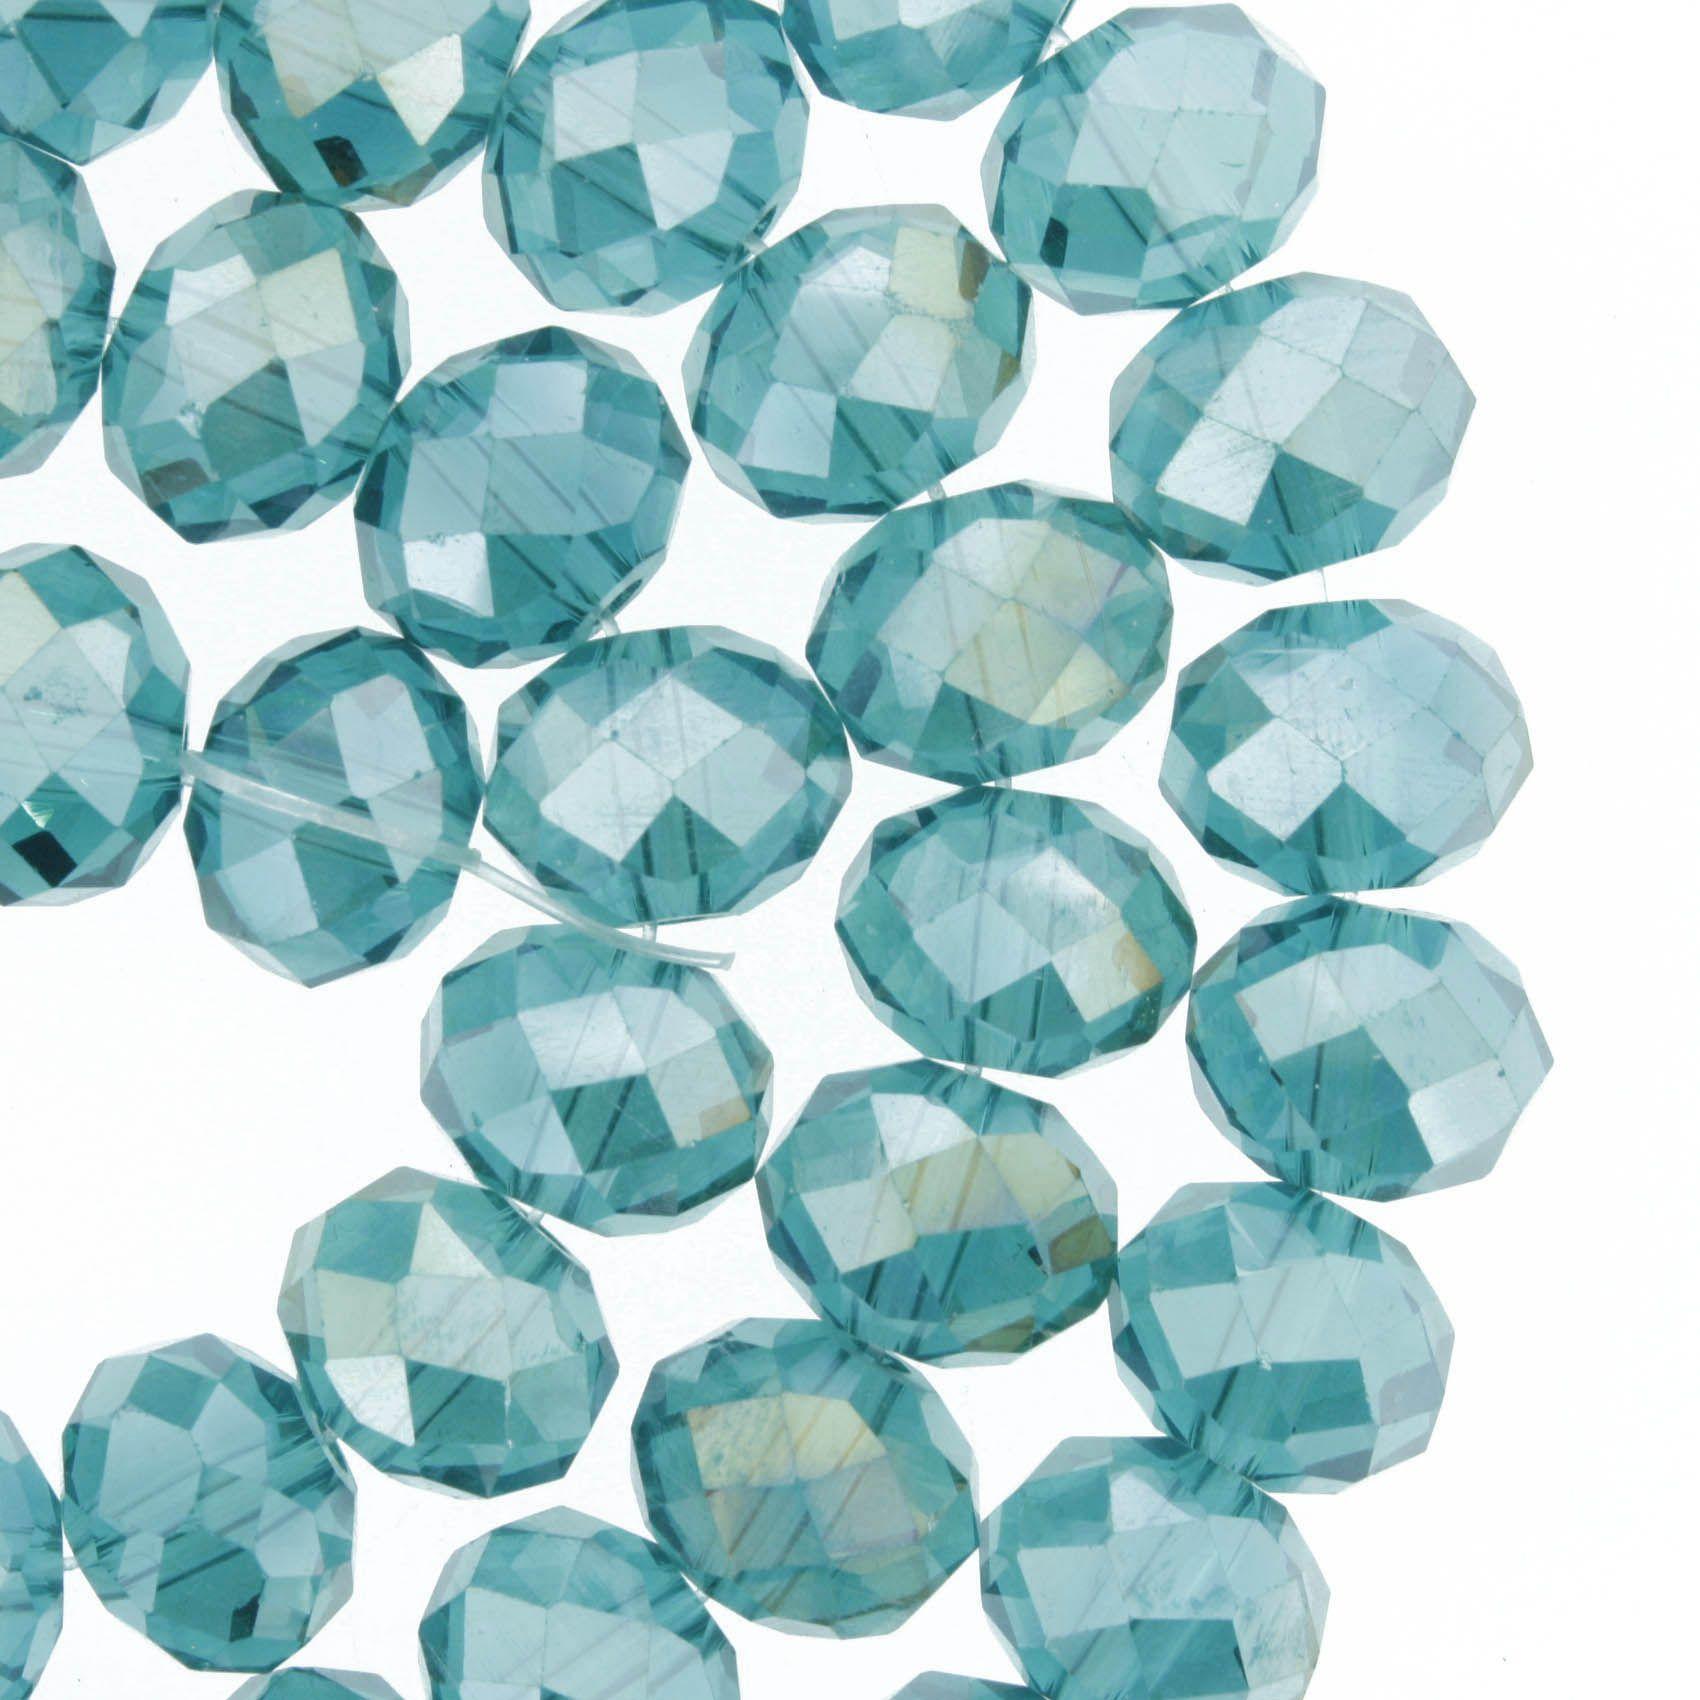 Fio de Cristal - Flat® - Aquamarine Irizado - 10mm  - Stéphanie Bijoux® - Peças para Bijuterias e Artesanato